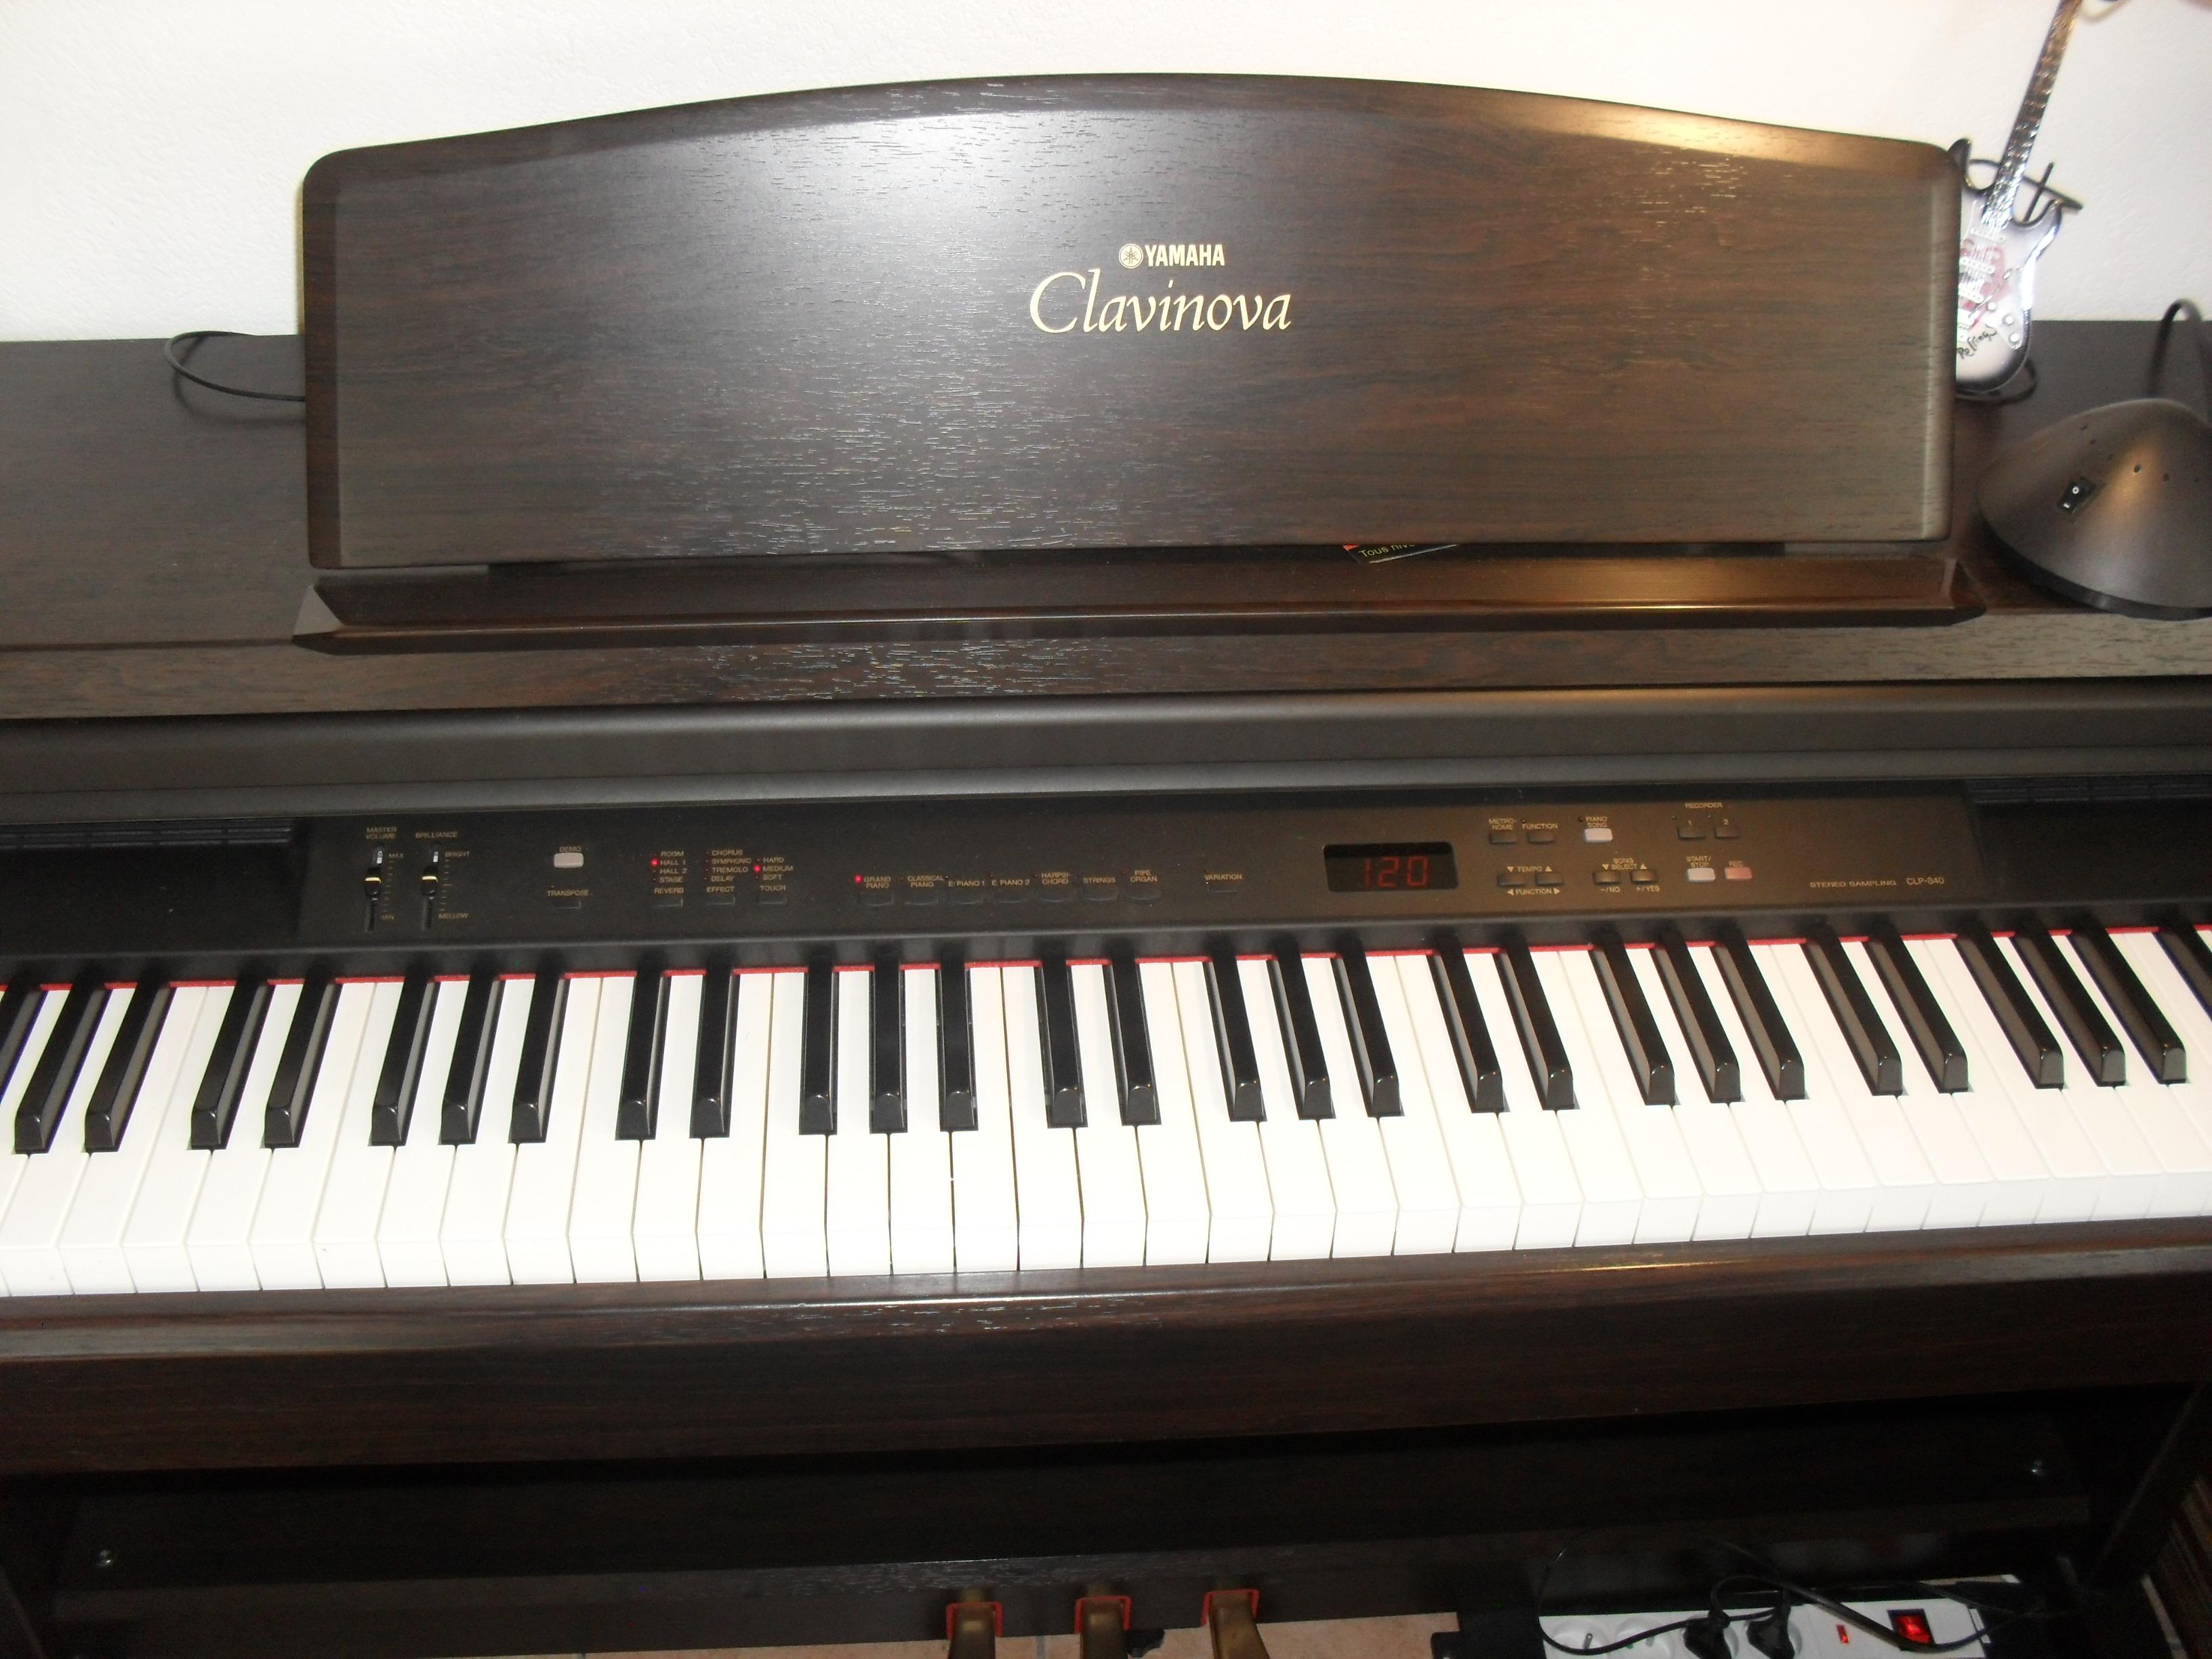 Clp Yamaha